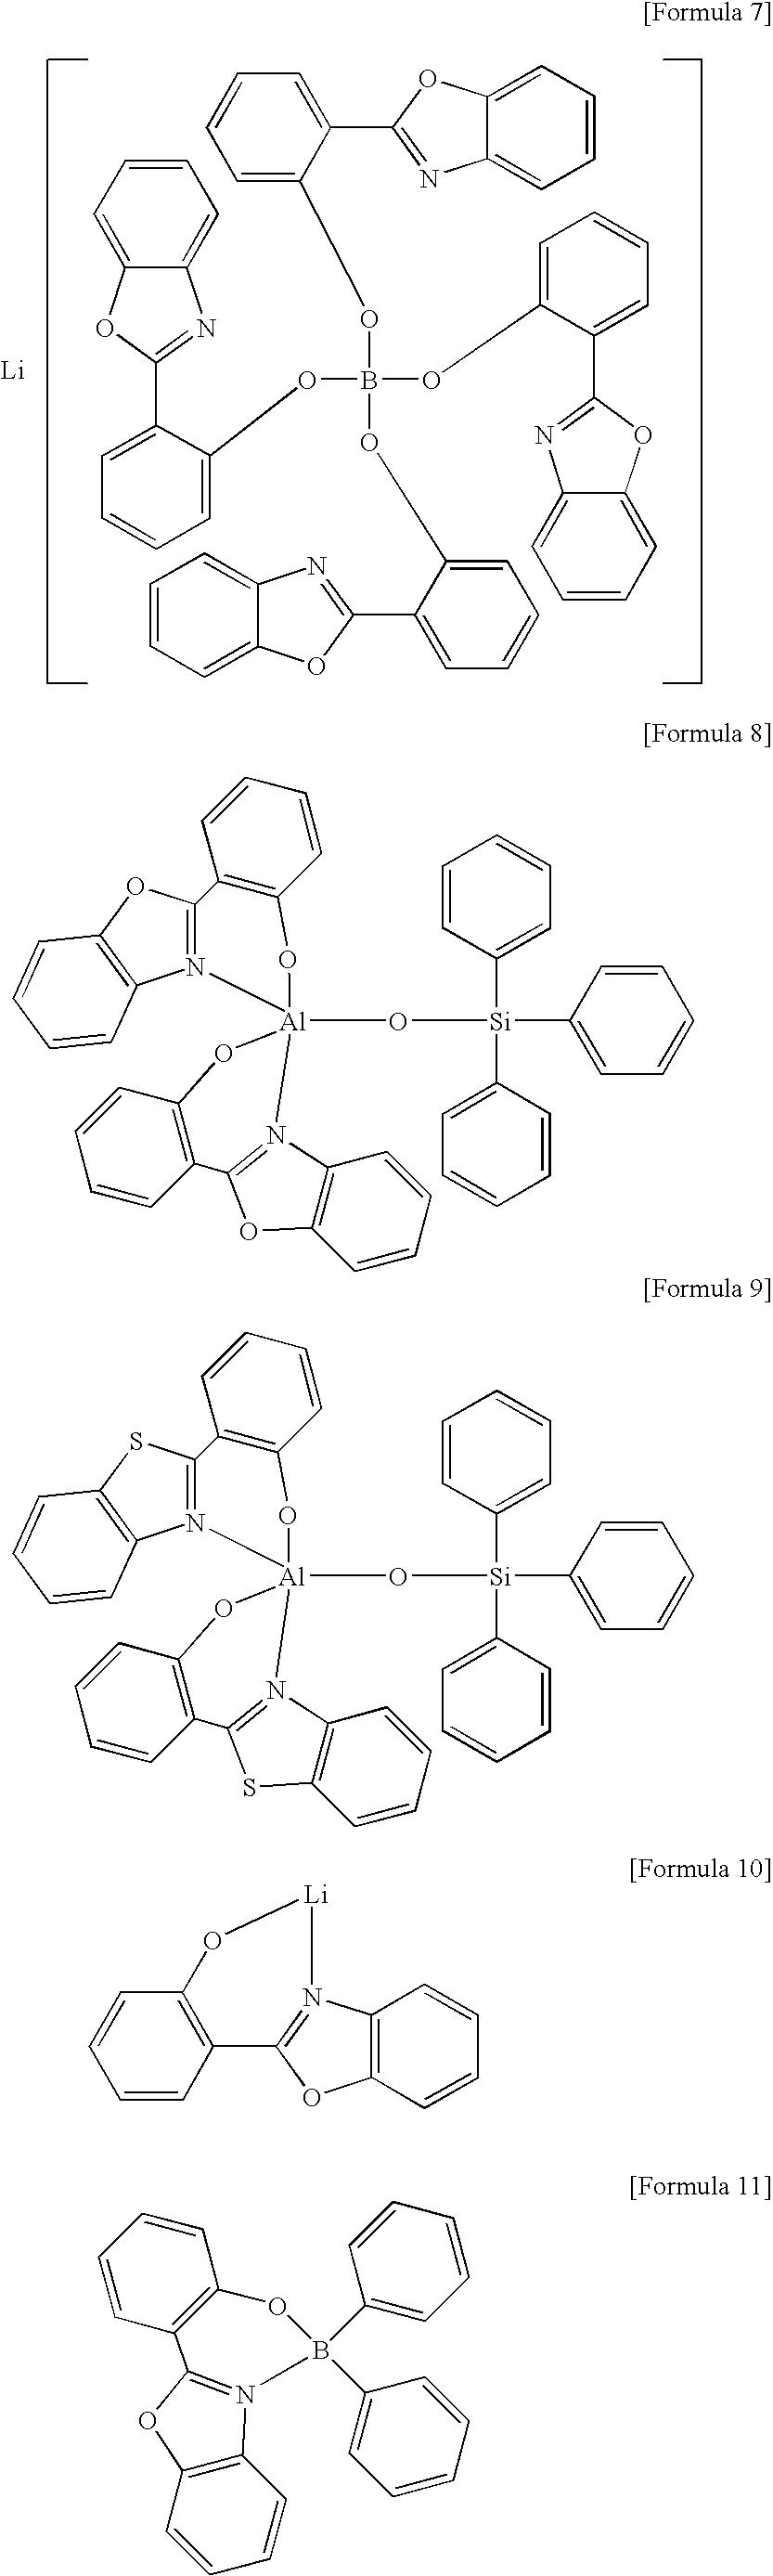 Figure US20100237342A1-20100923-C00004